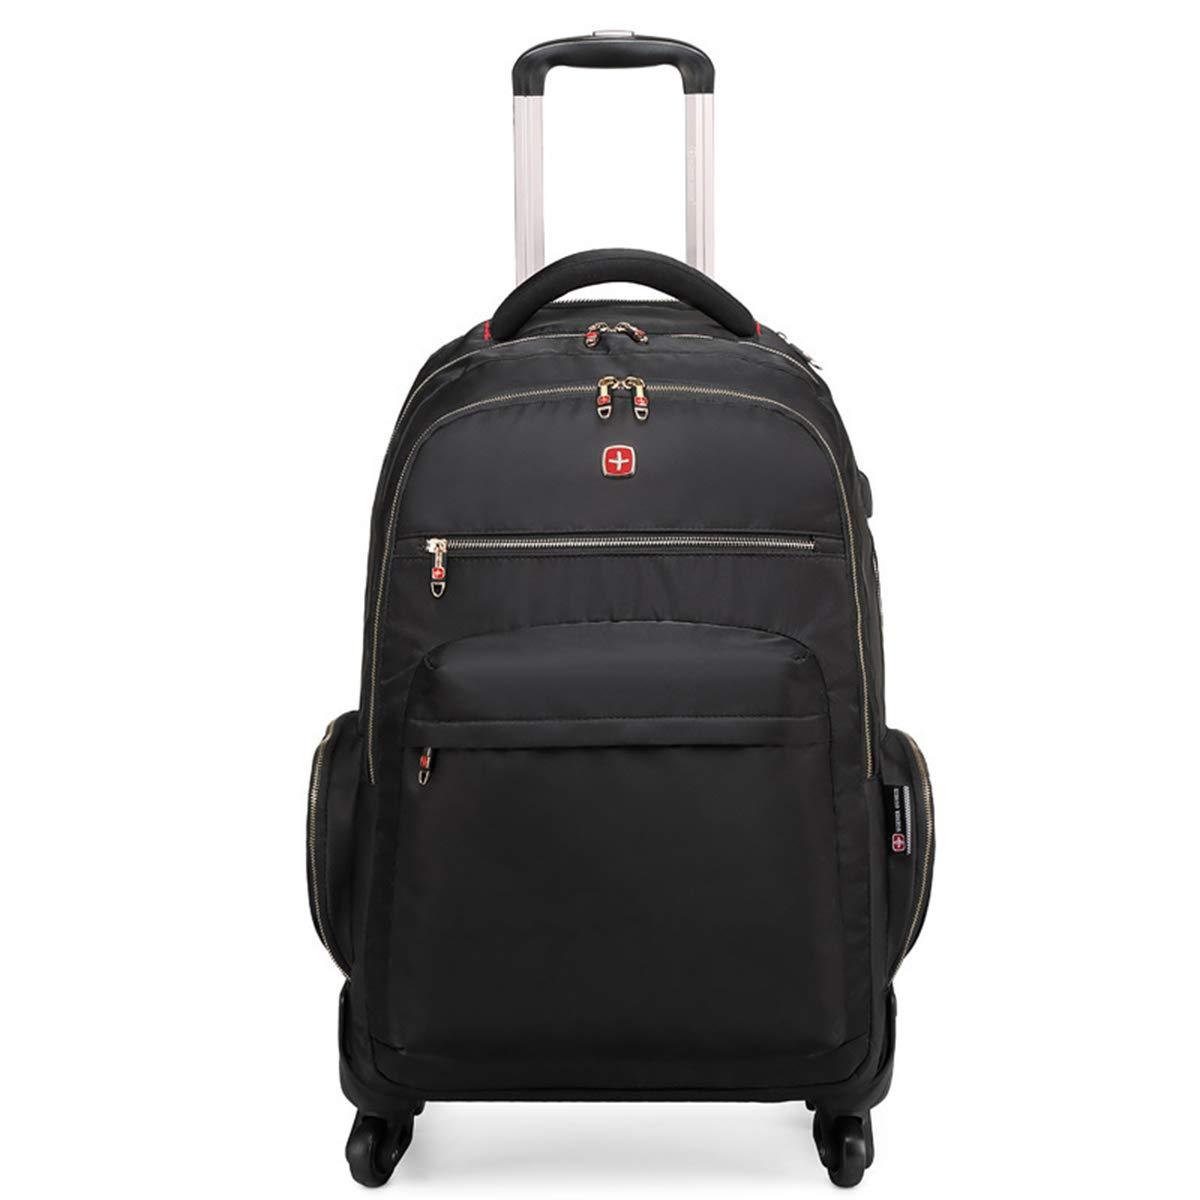 ビジネス搭乗スーツケース、ファッションカジュアル学生男性と女性オックスフォード布ライトトロリーバックパックケース屋外大容量旅行荷物で車輪,black,20inches B07RBKLH49 black 20inches